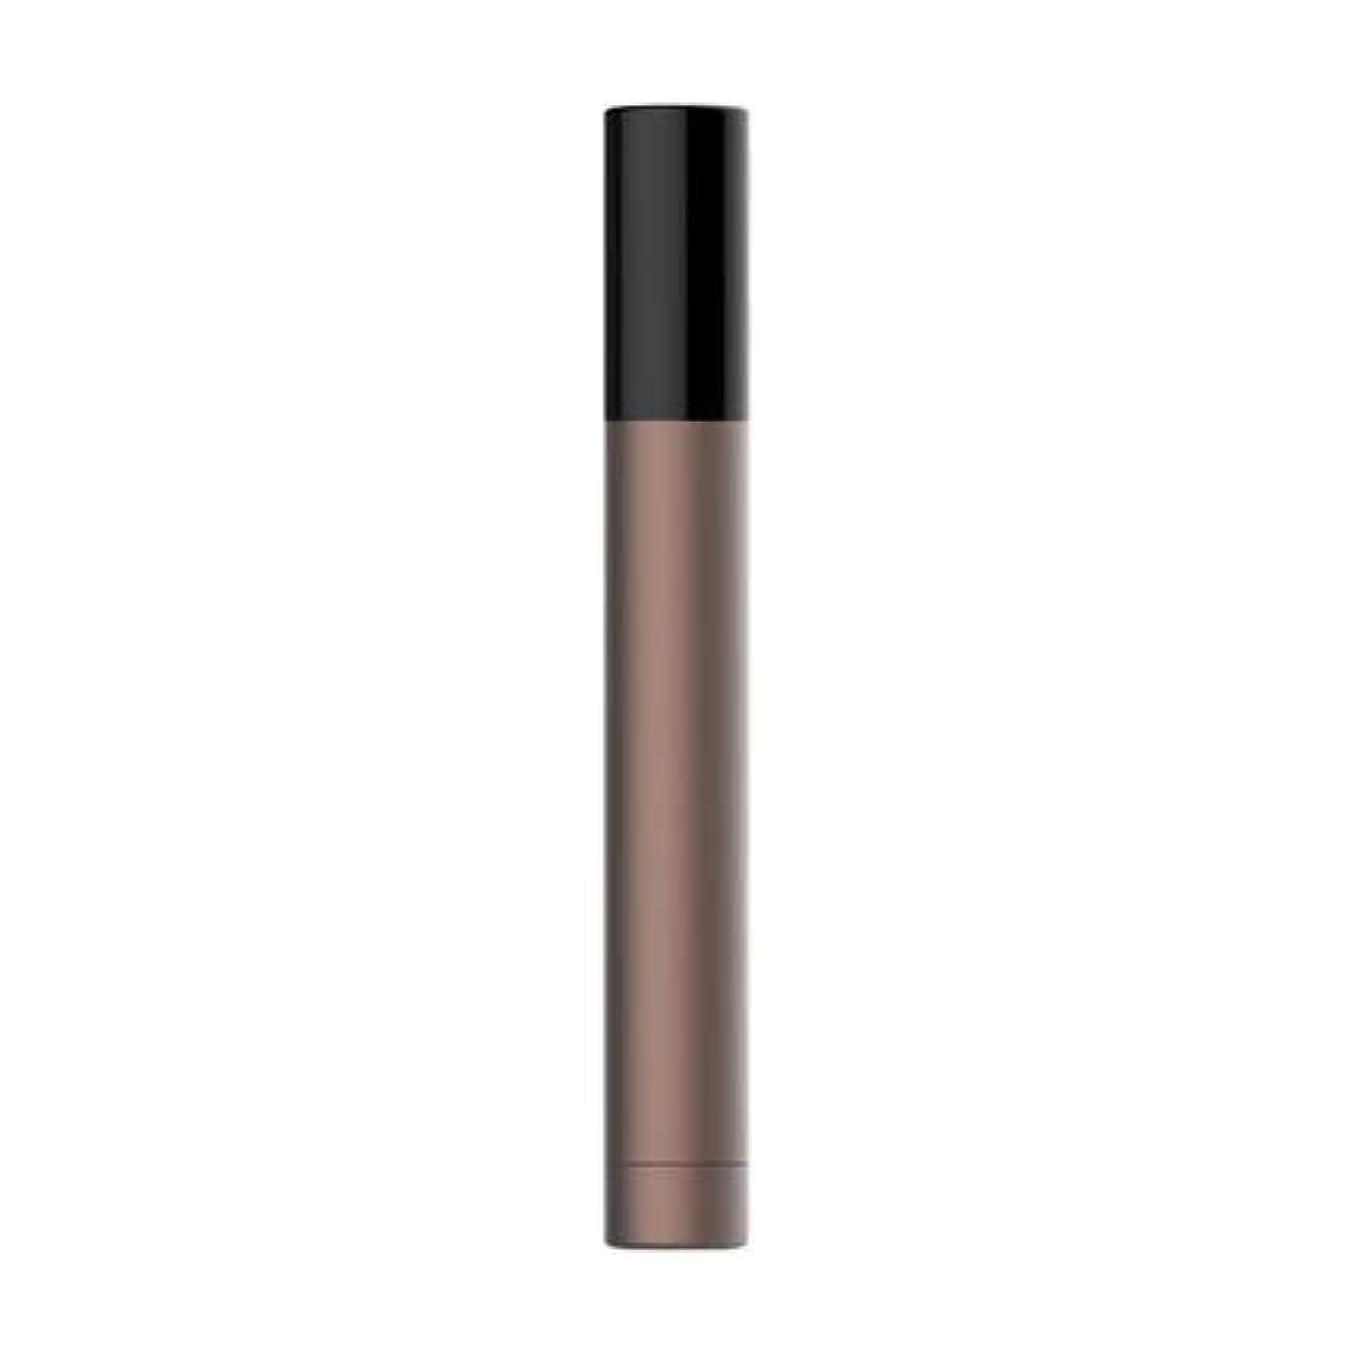 帰する具体的に再現する鼻毛トリマーシール防水効果電池式シングルカッターヘッドシャープで耐久性のあるカット短いカットなし隠しスイッチ合金ボディ陽極酸化作成